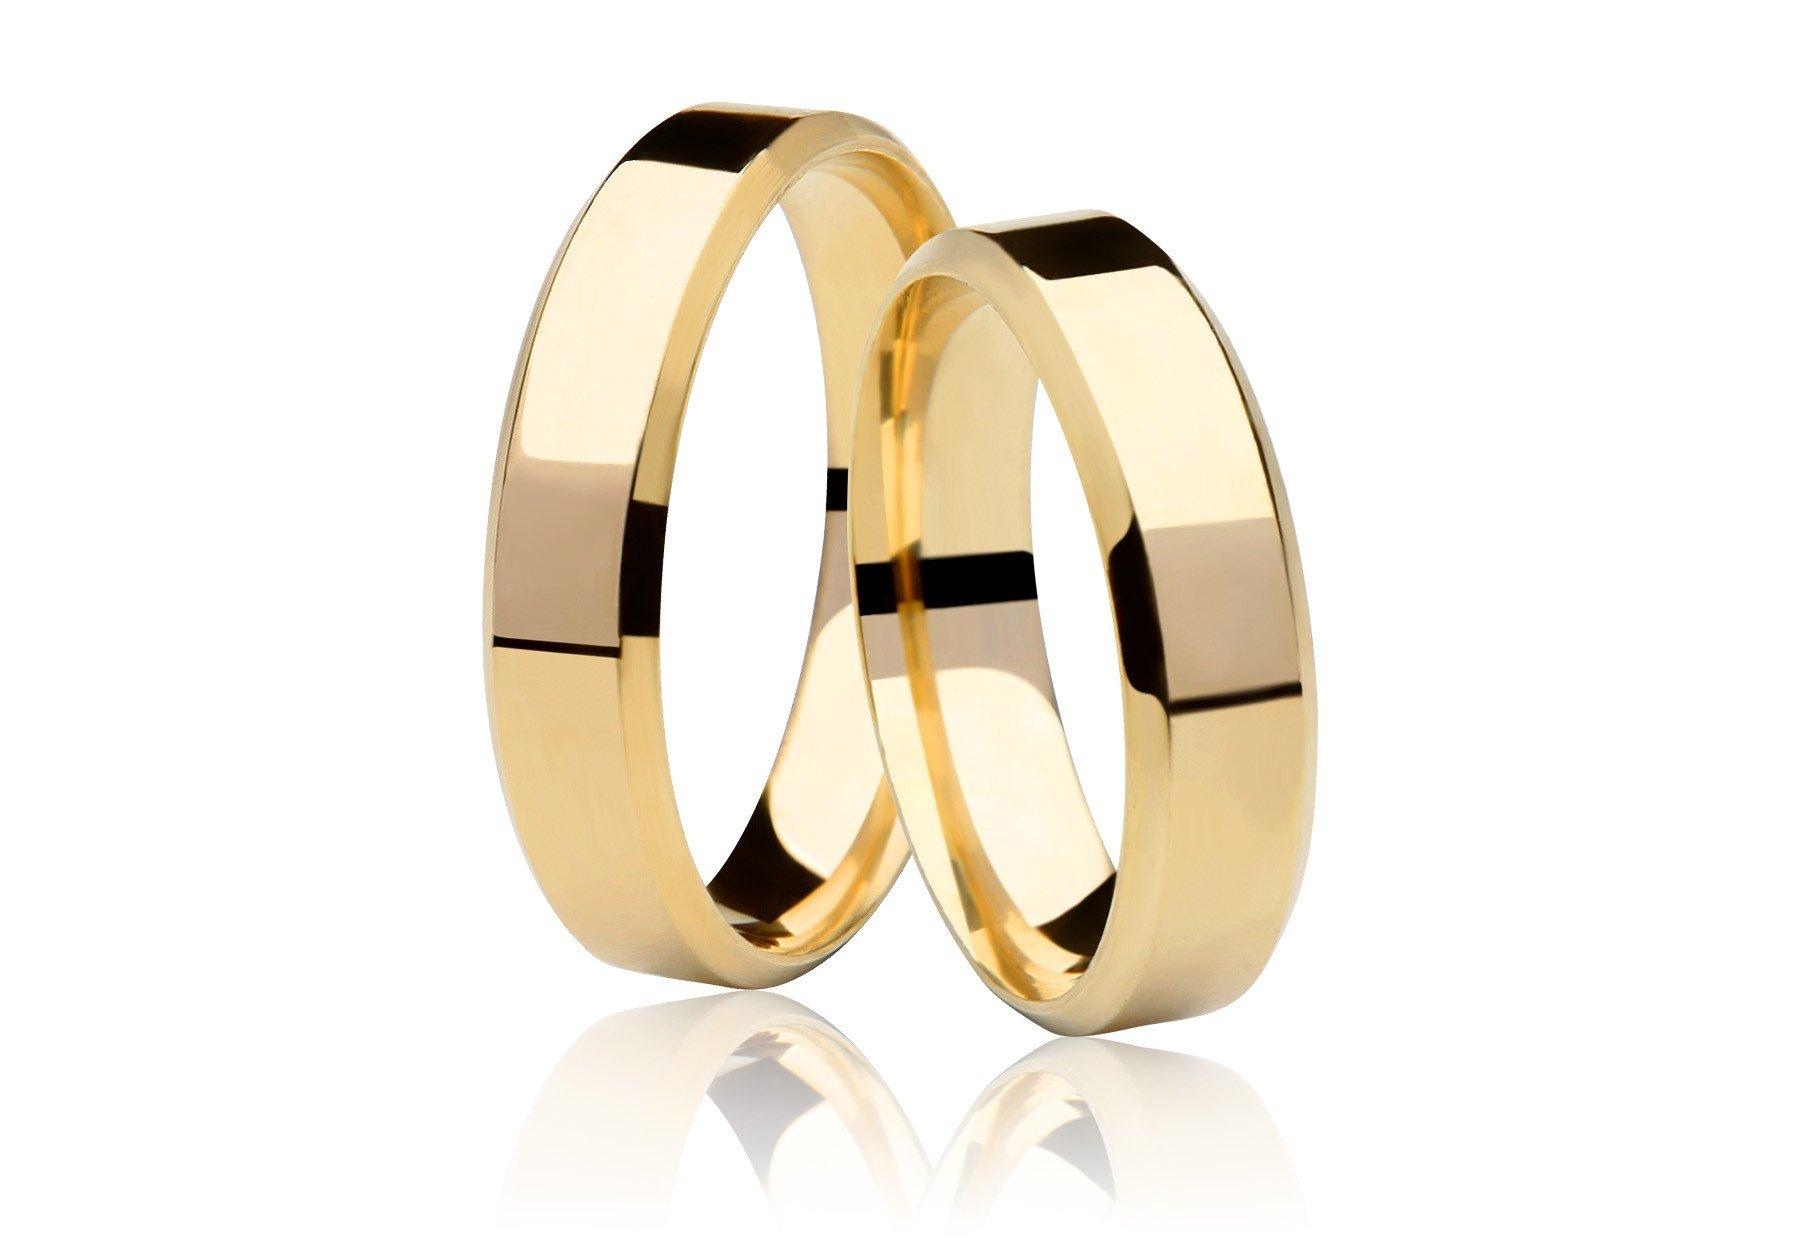 Aliança Chanfrada de Prata Banhada a Ouro  Noivado ou Casamento AB7009